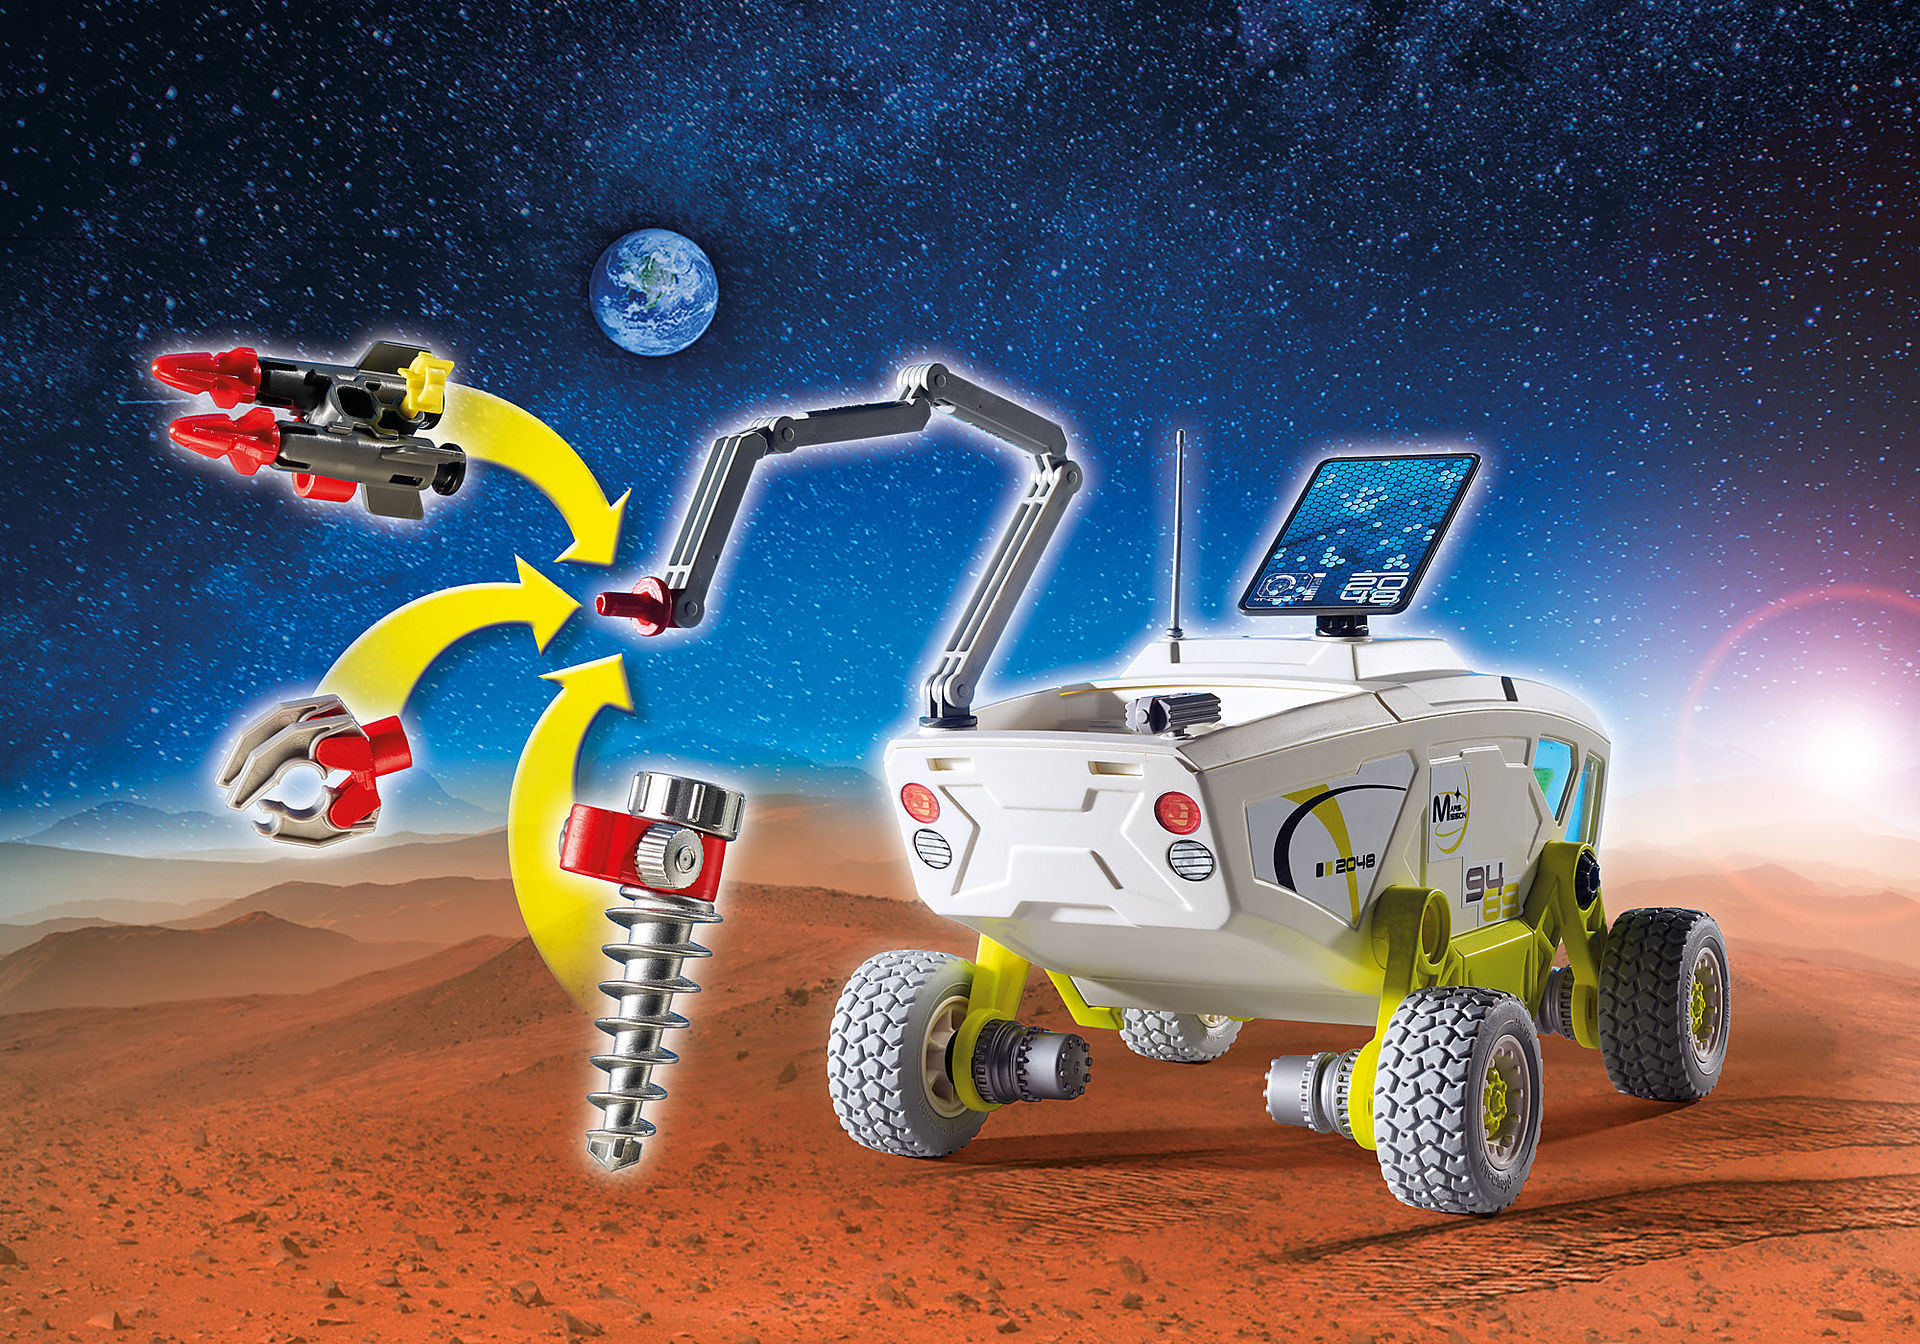 http://media.playmobil.com/i/playmobil/9489_product_extra1/Mars udforskningskøretøj